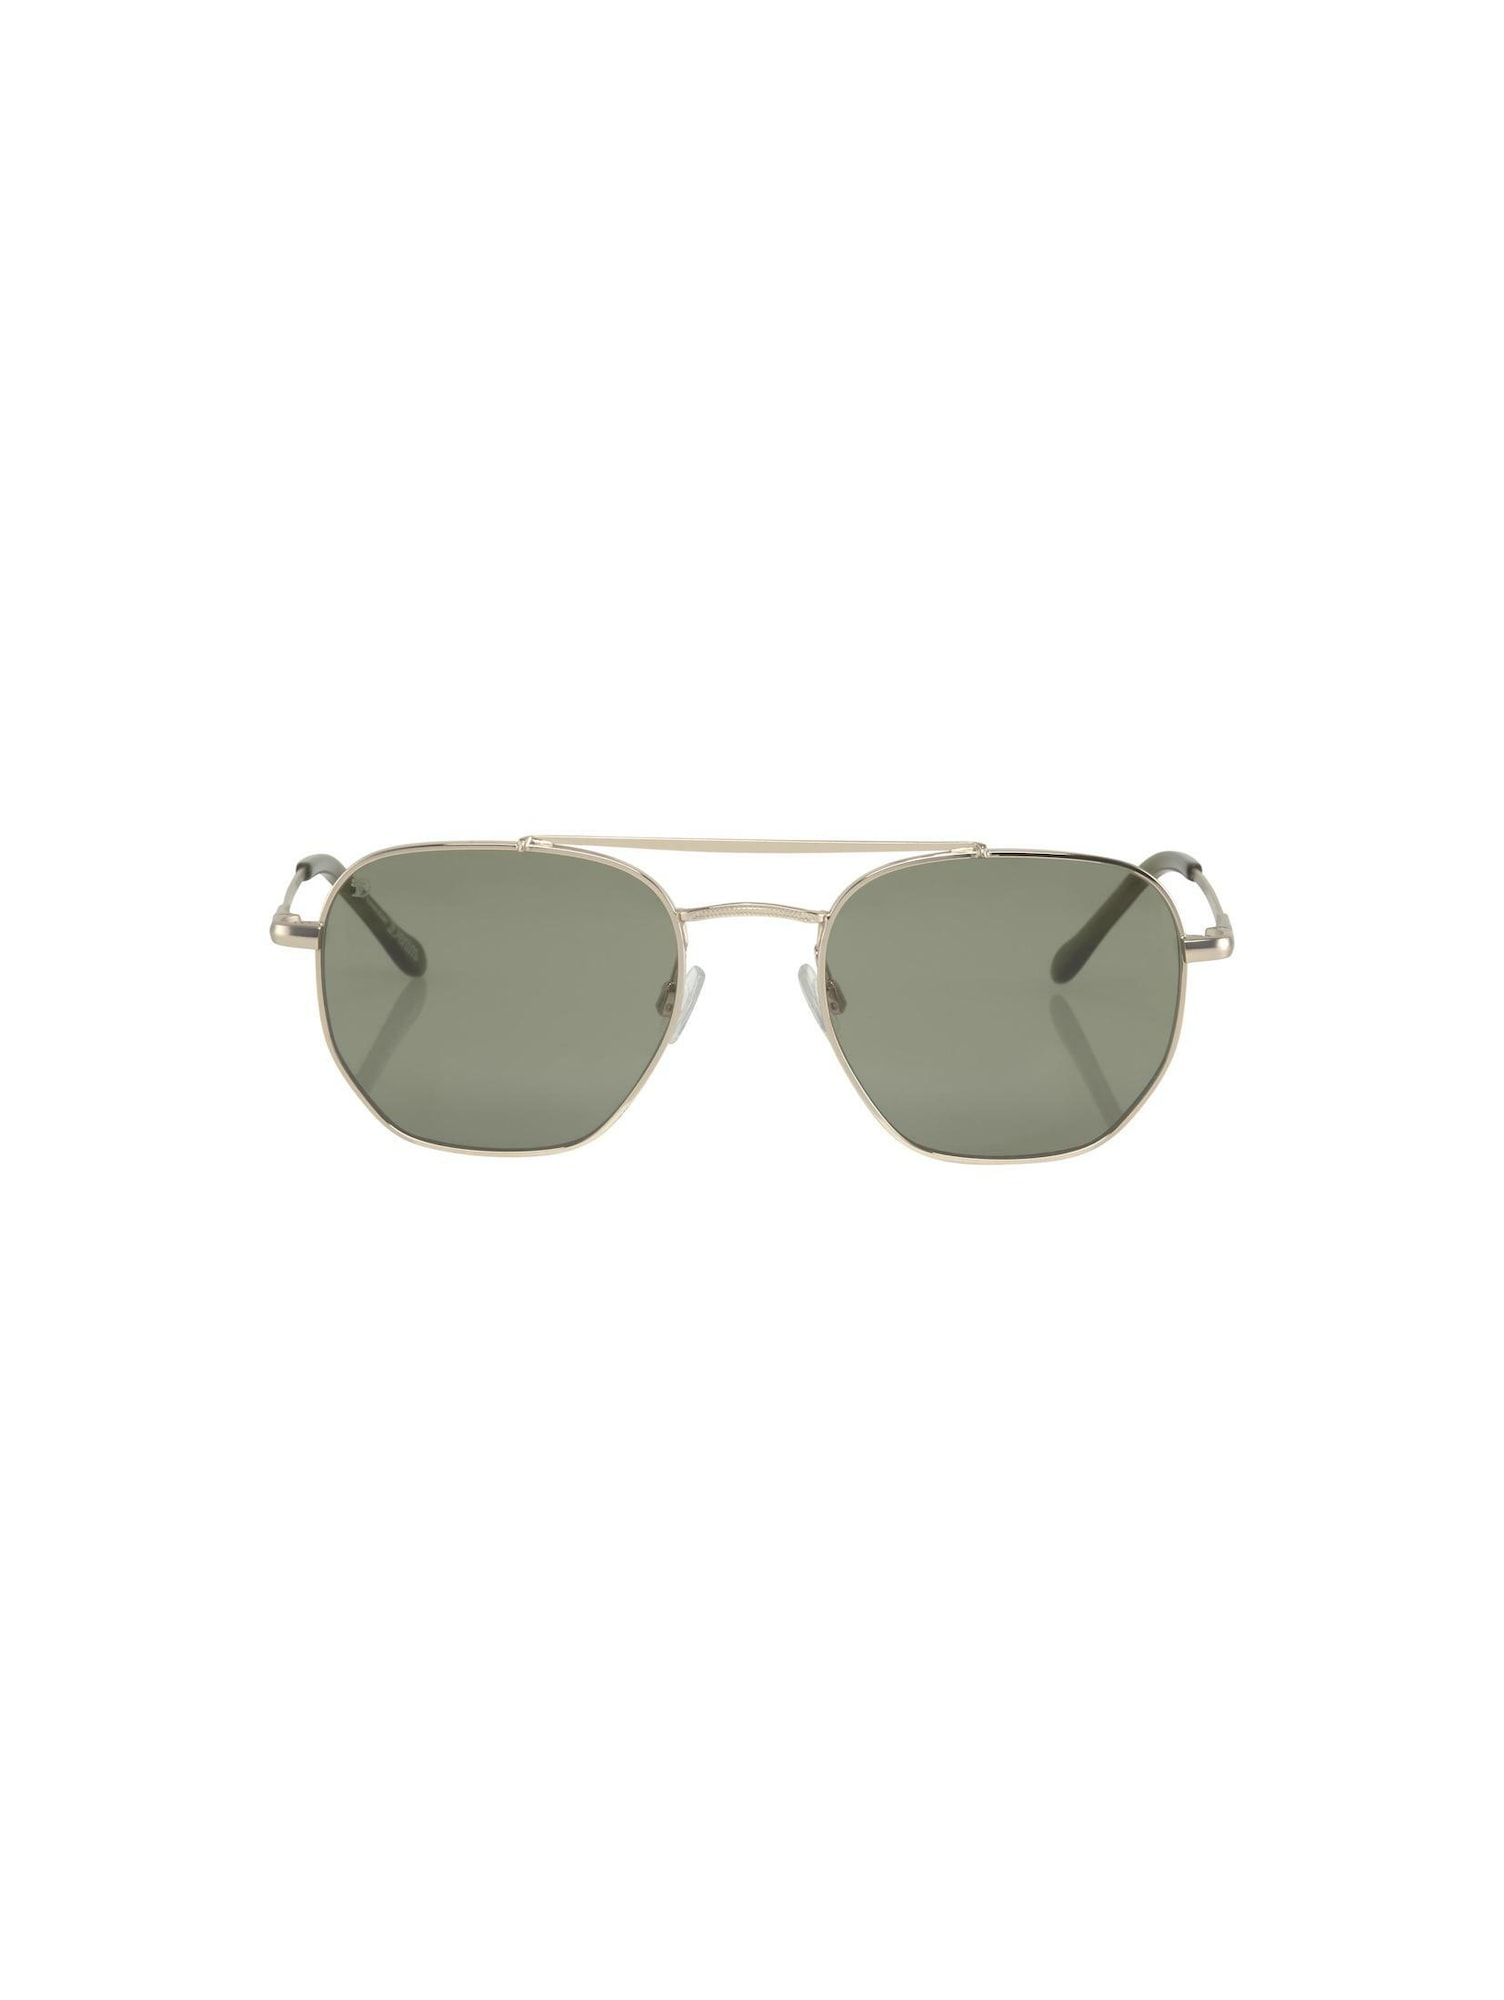 Eyewear Pilotenbrille | Accessoires > Sonnenbrillen > Pilotenbrille | Tom Tailor Denim